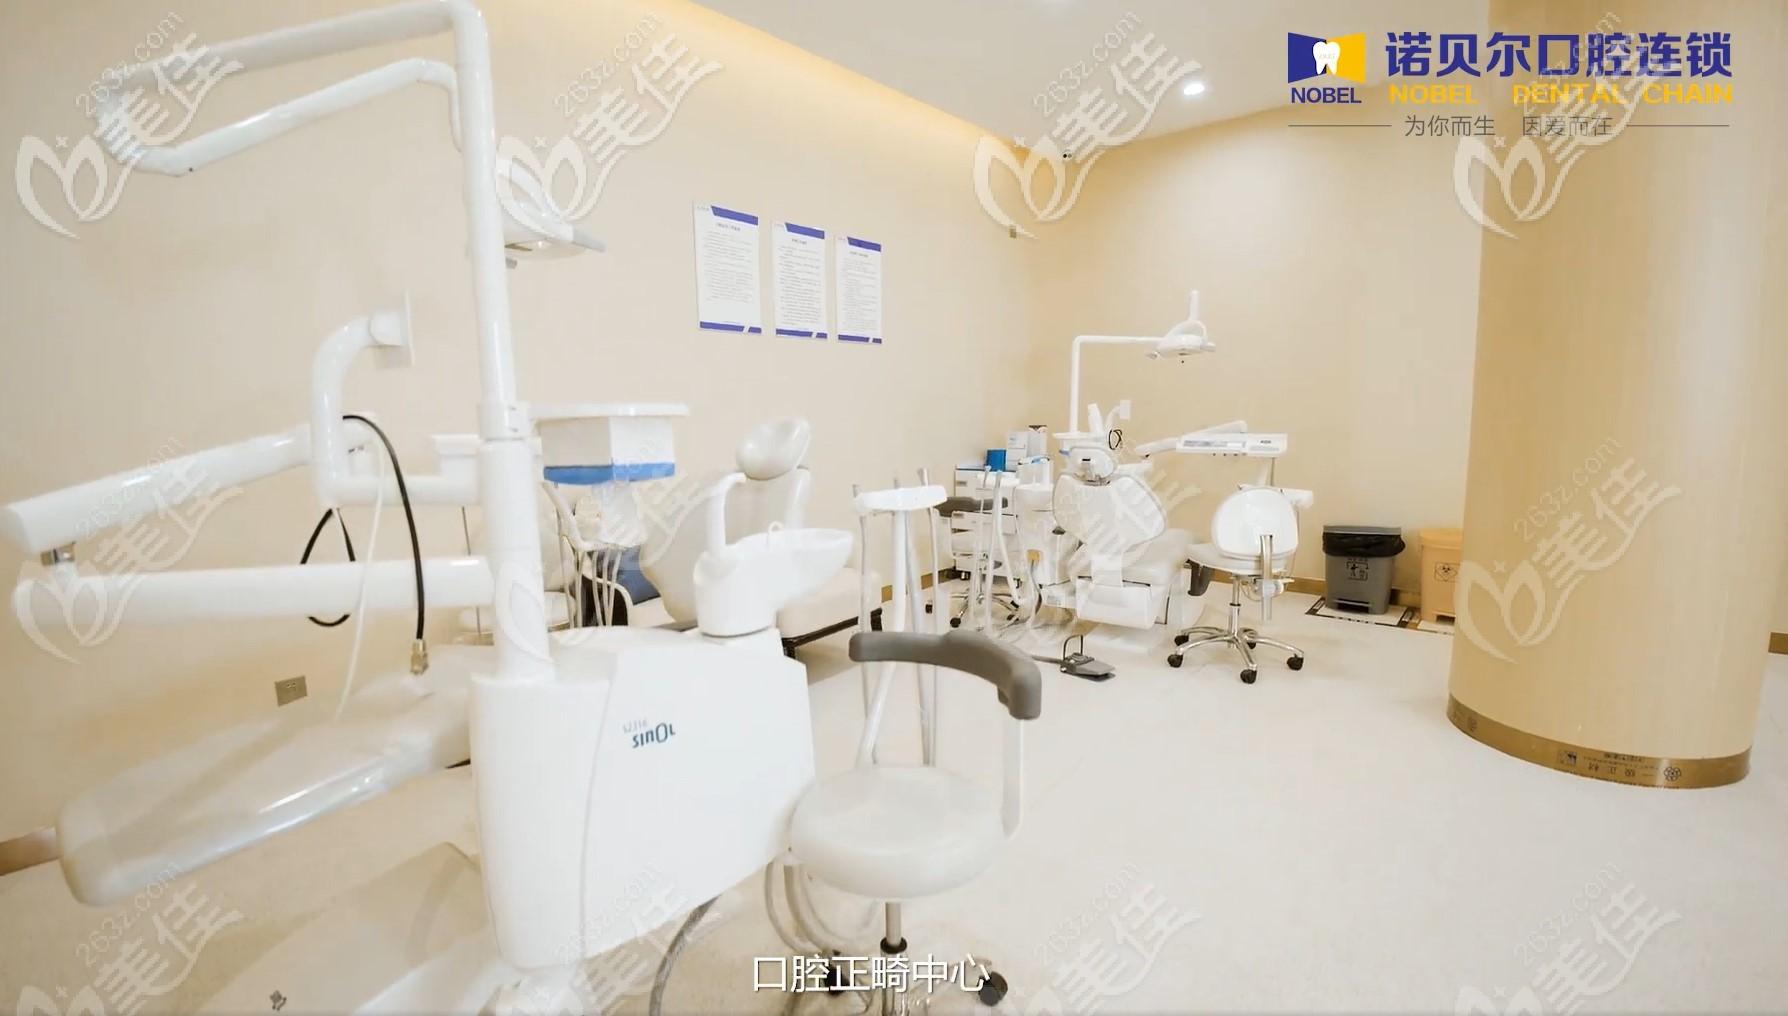 诺贝尔牙科正畸诊室环境